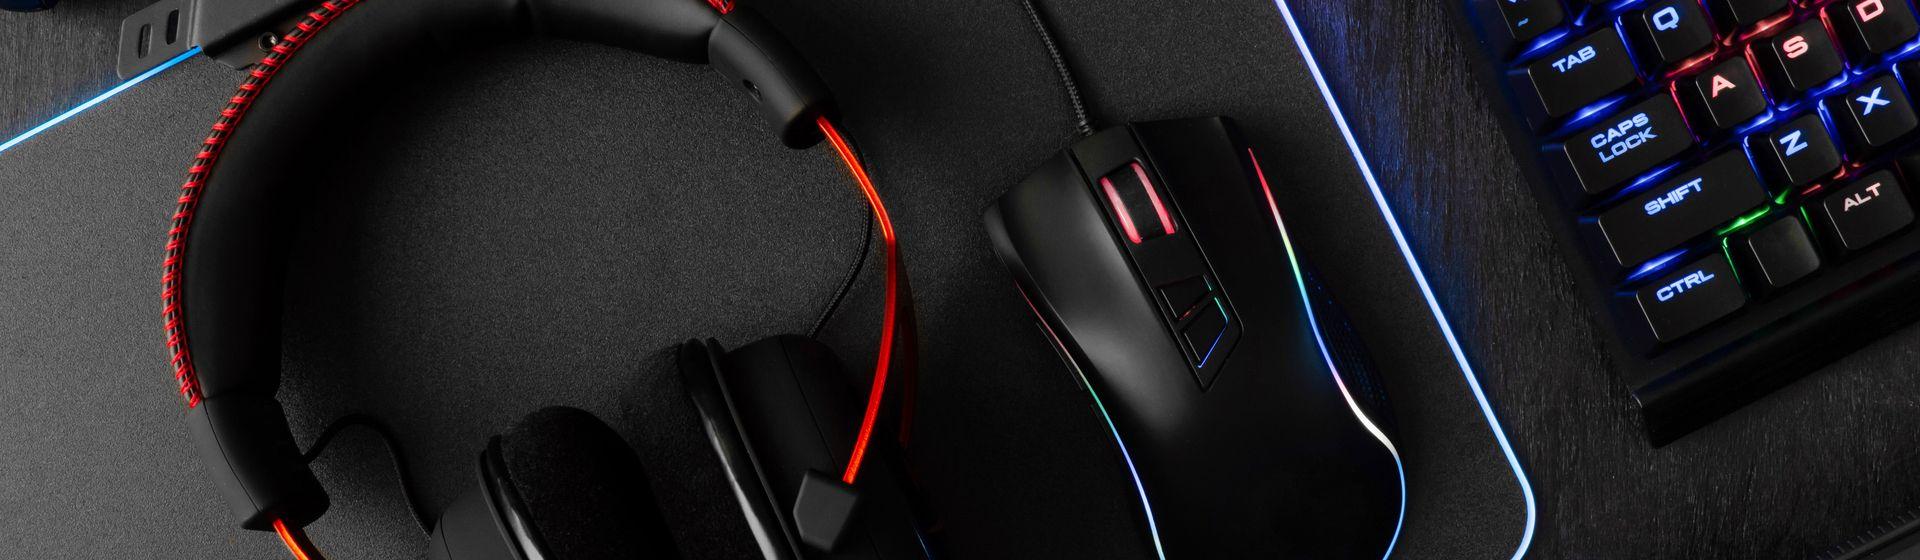 Melhor mouse pad gamer em 2020: veja 8 modelos para comprar no Brasil